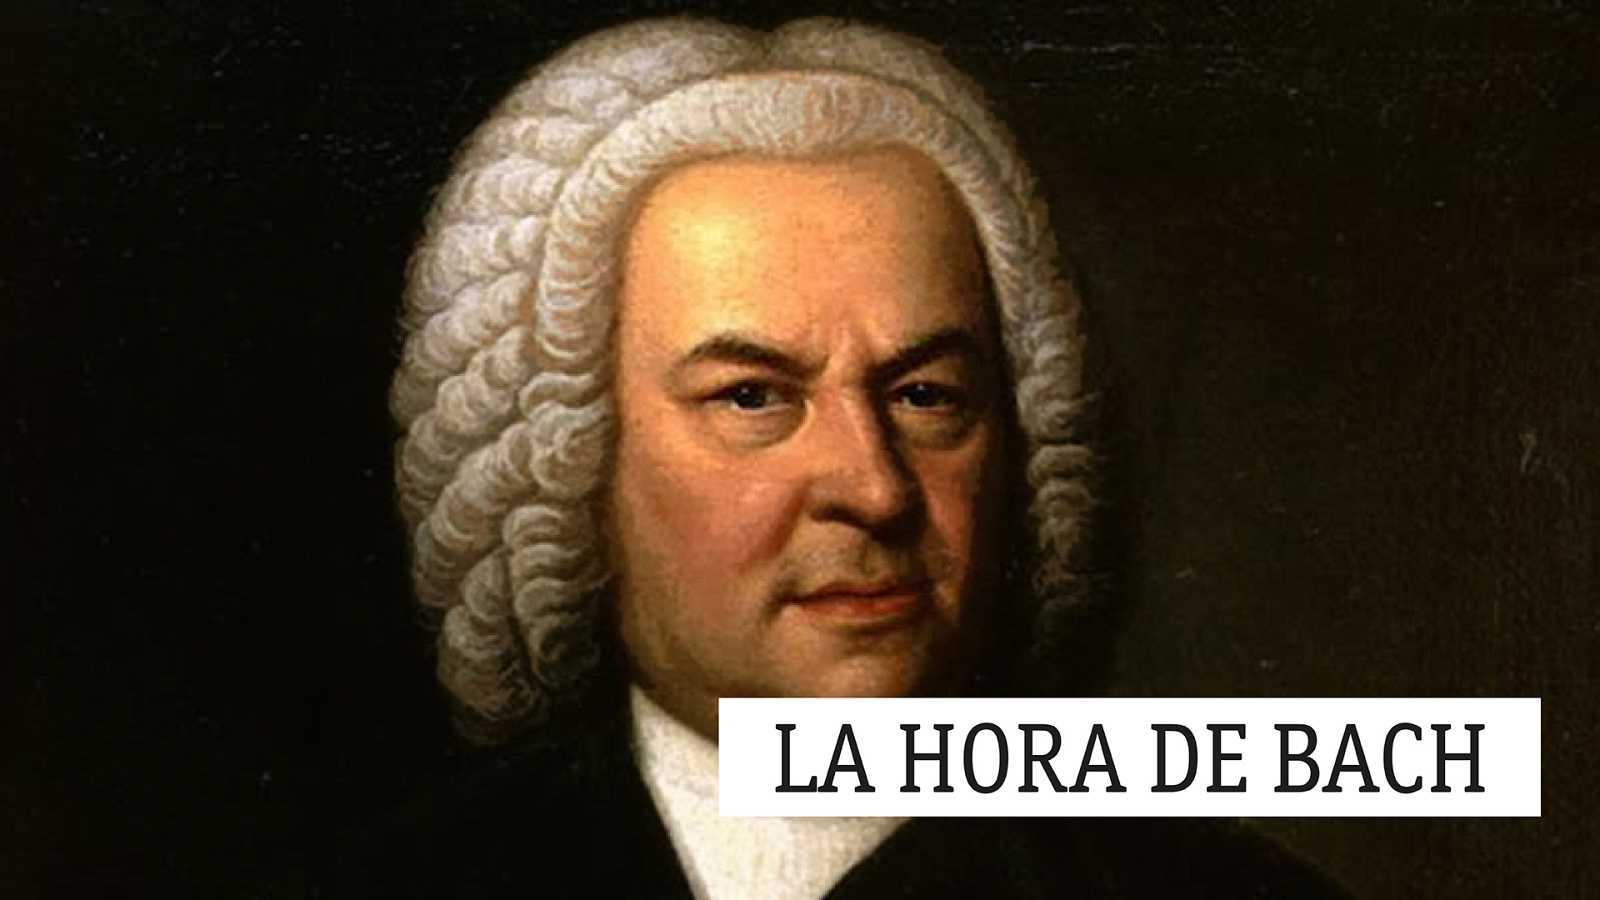 La hora de Bach - 26/12/20 - escuchar ahora